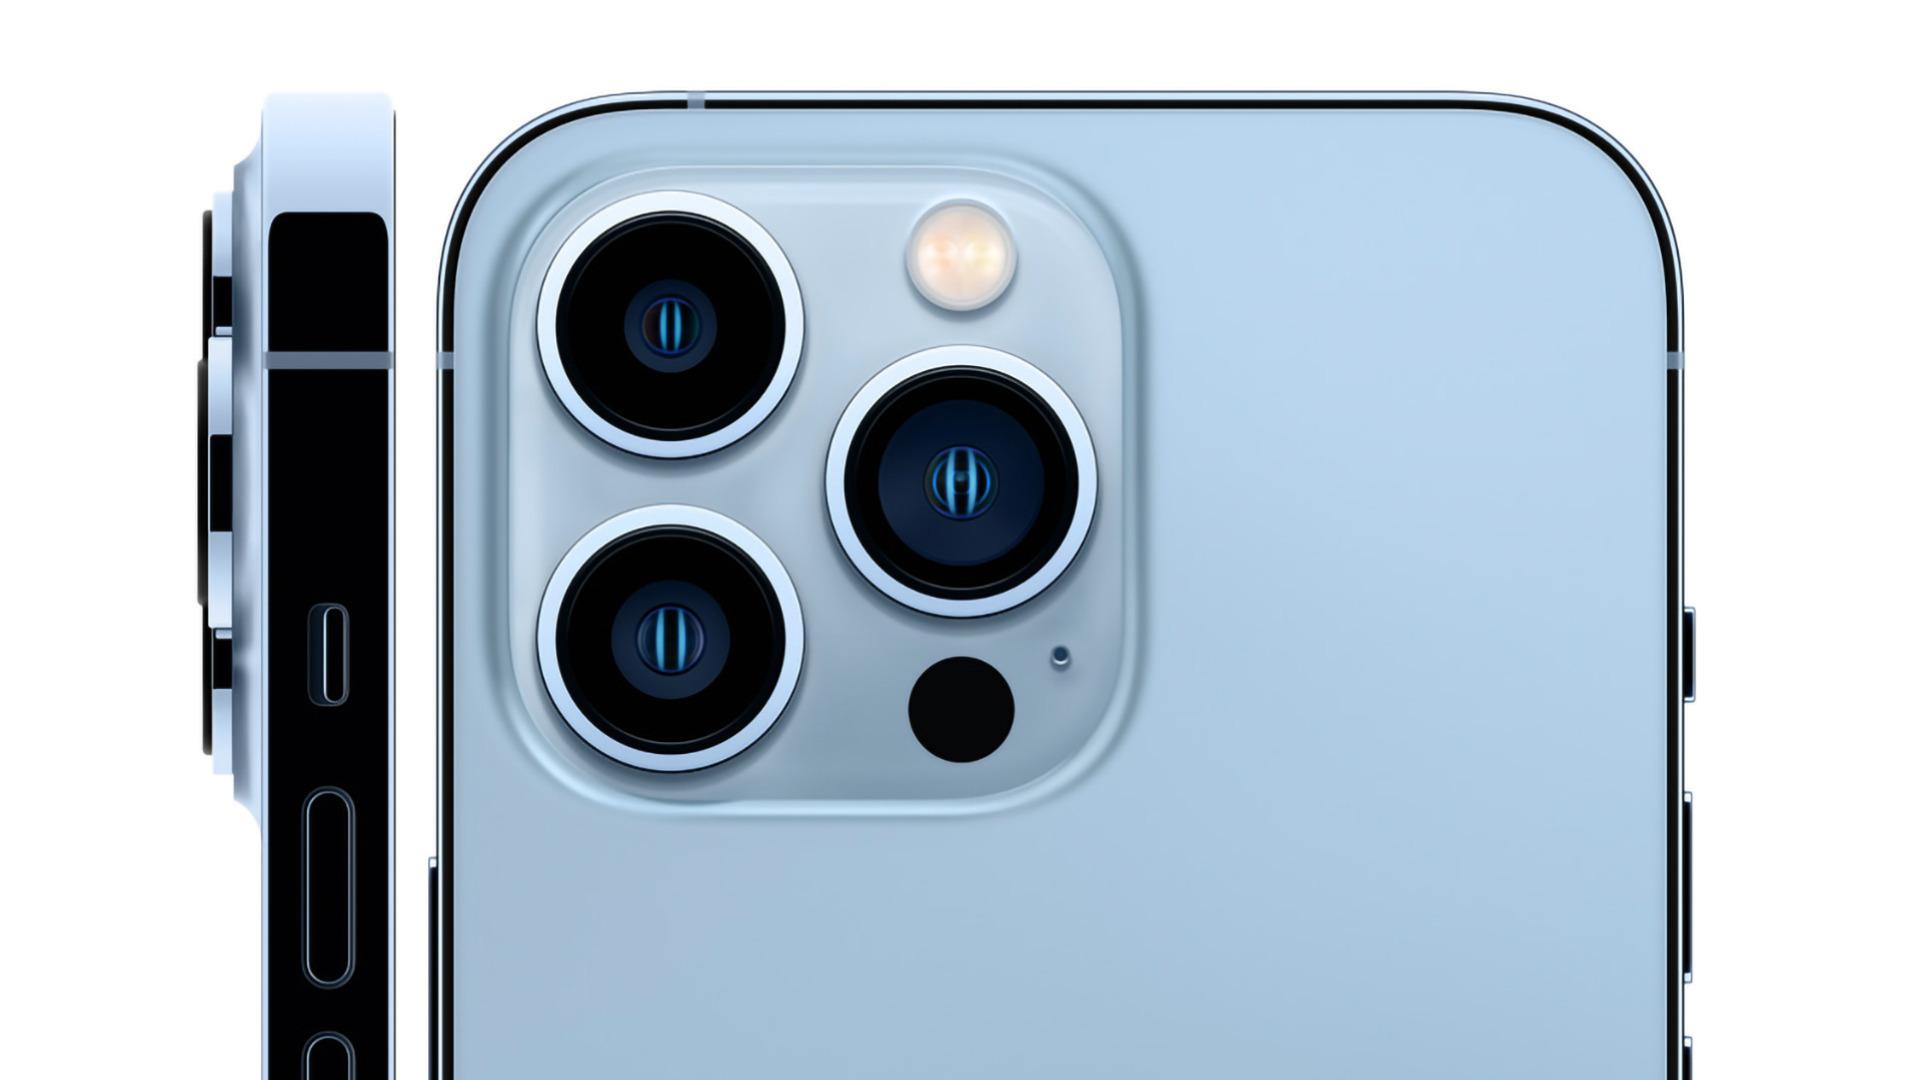 Forscher gewinnen 300.000 Dollar mit iPhone 13 Pro Remote-Jailbreak